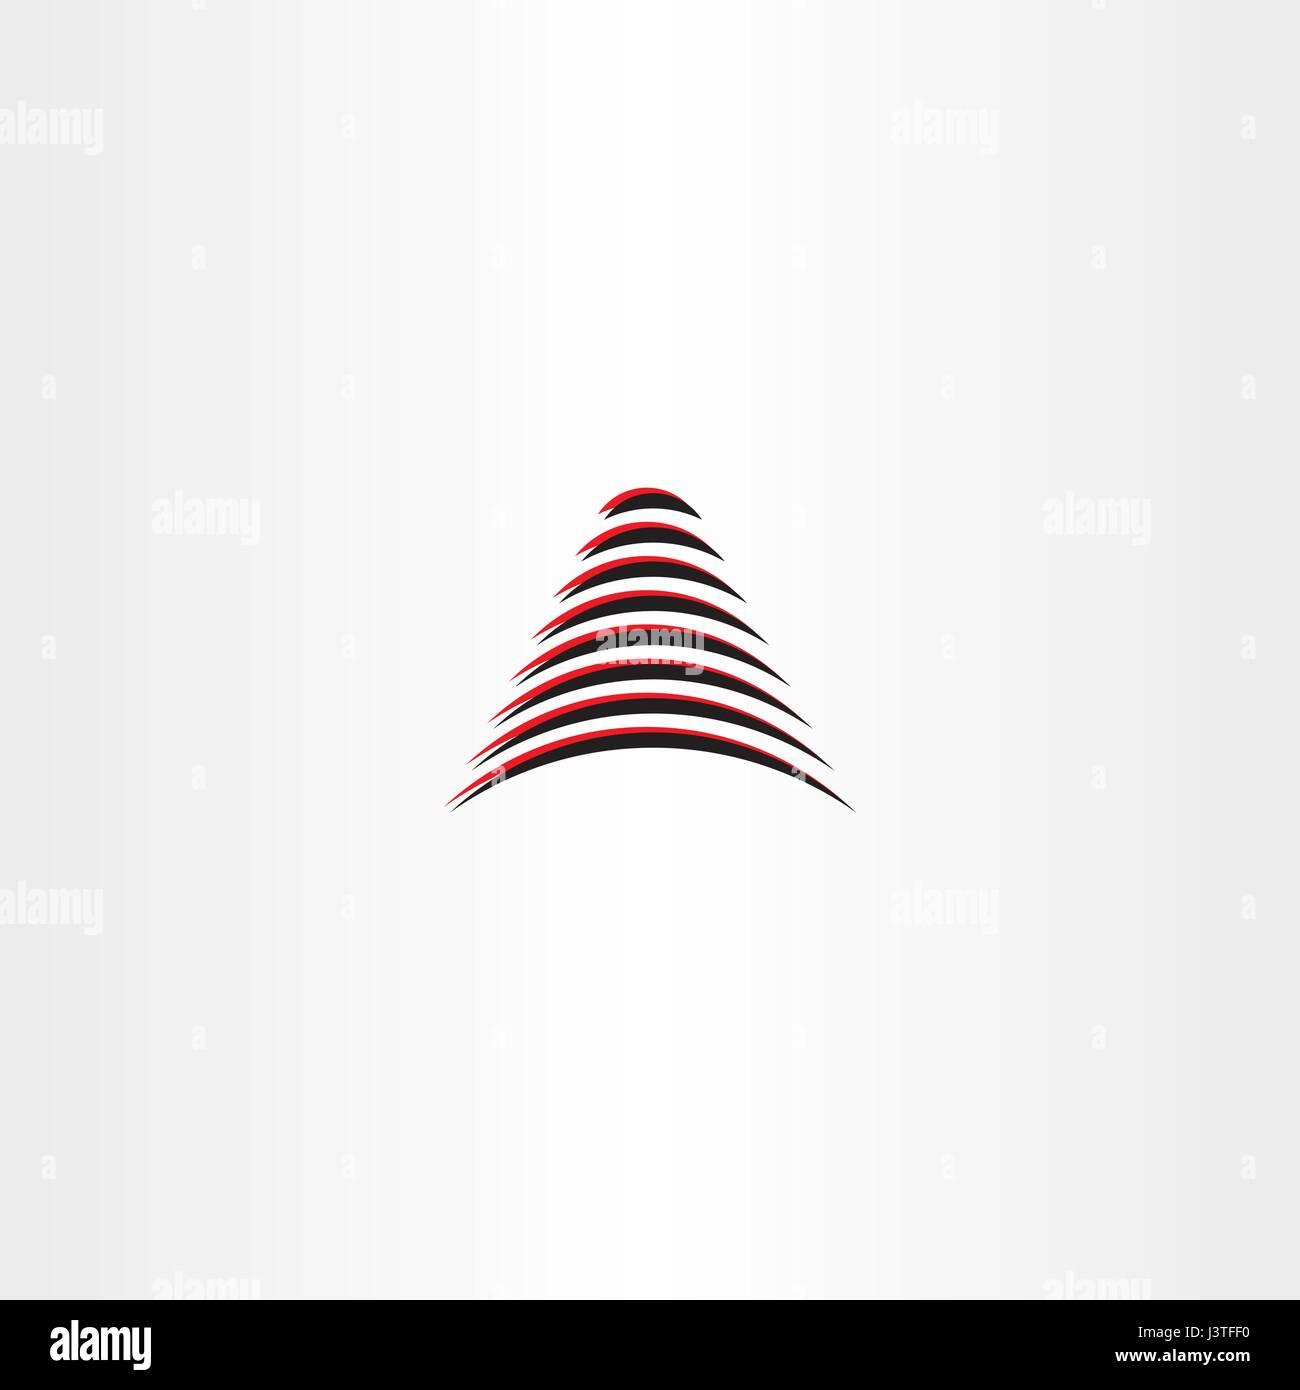 Zusammenfassung Aufbau Logo Vektor Zeichen Design Vektor Abbildung